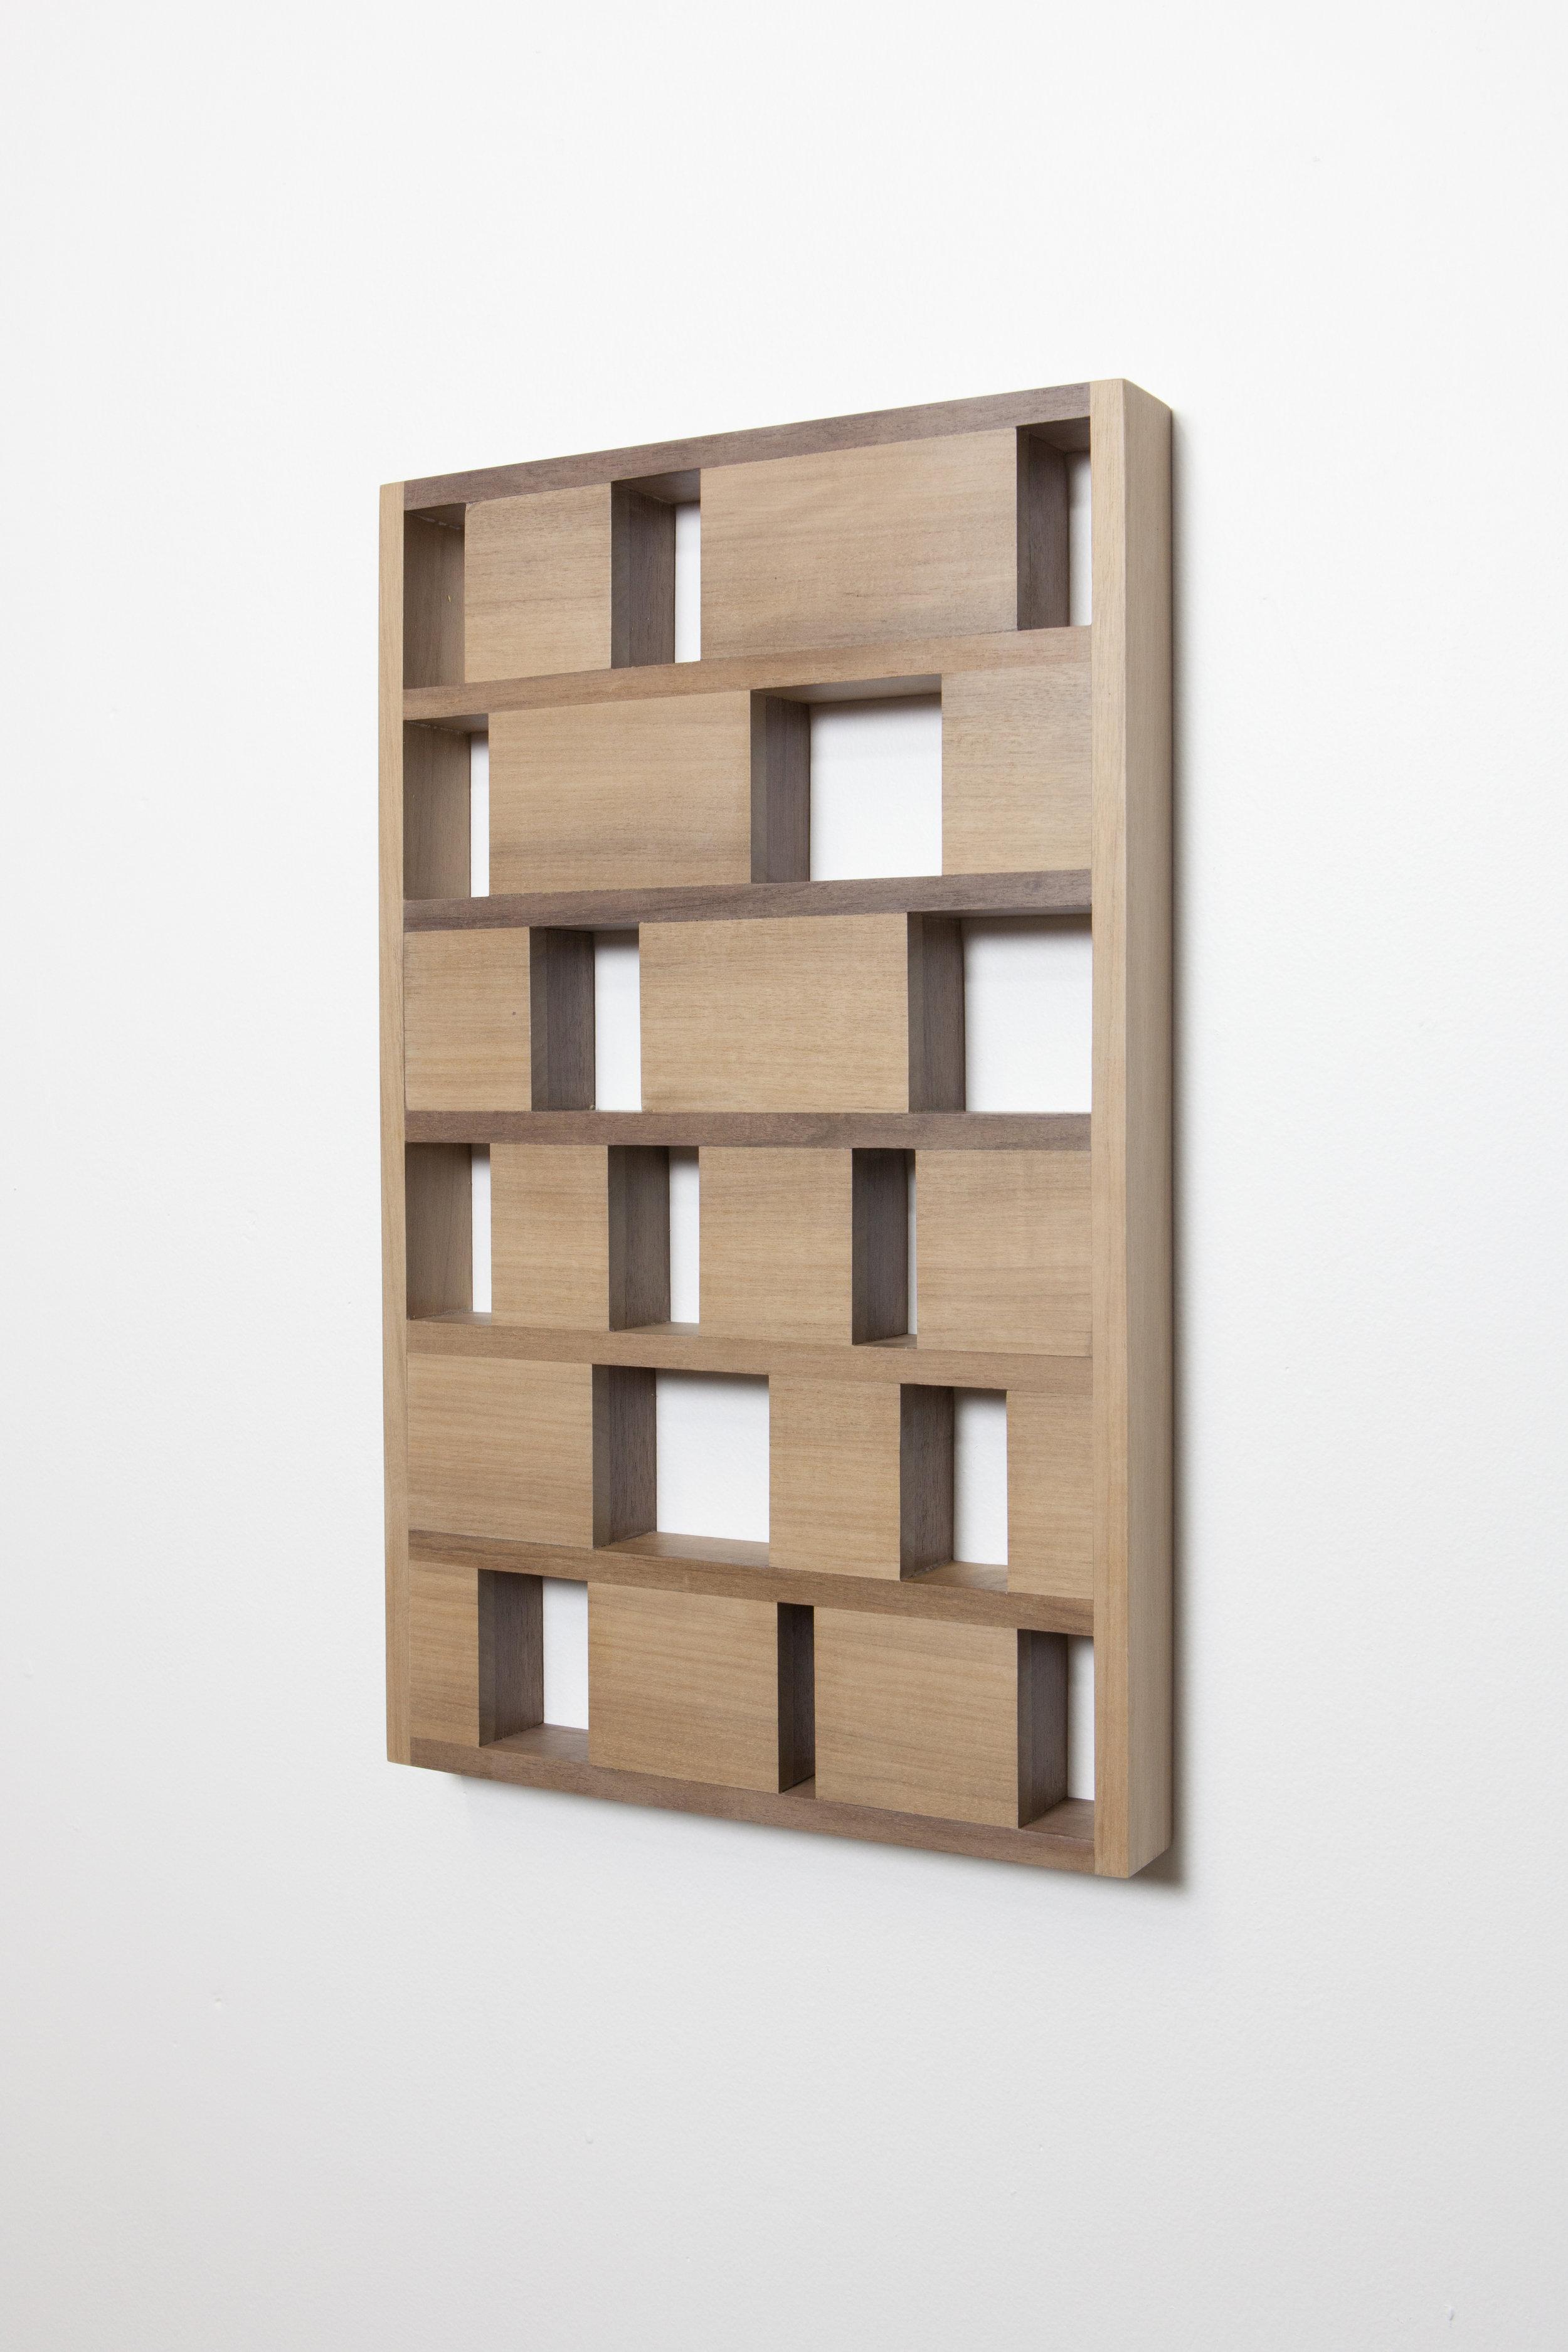 Module pour la conquête de l'espace (...), 2013 walnut 25 x 41,5 x 4 cm - 9 7/8 x 16 3/8 x 1 5/8 inches